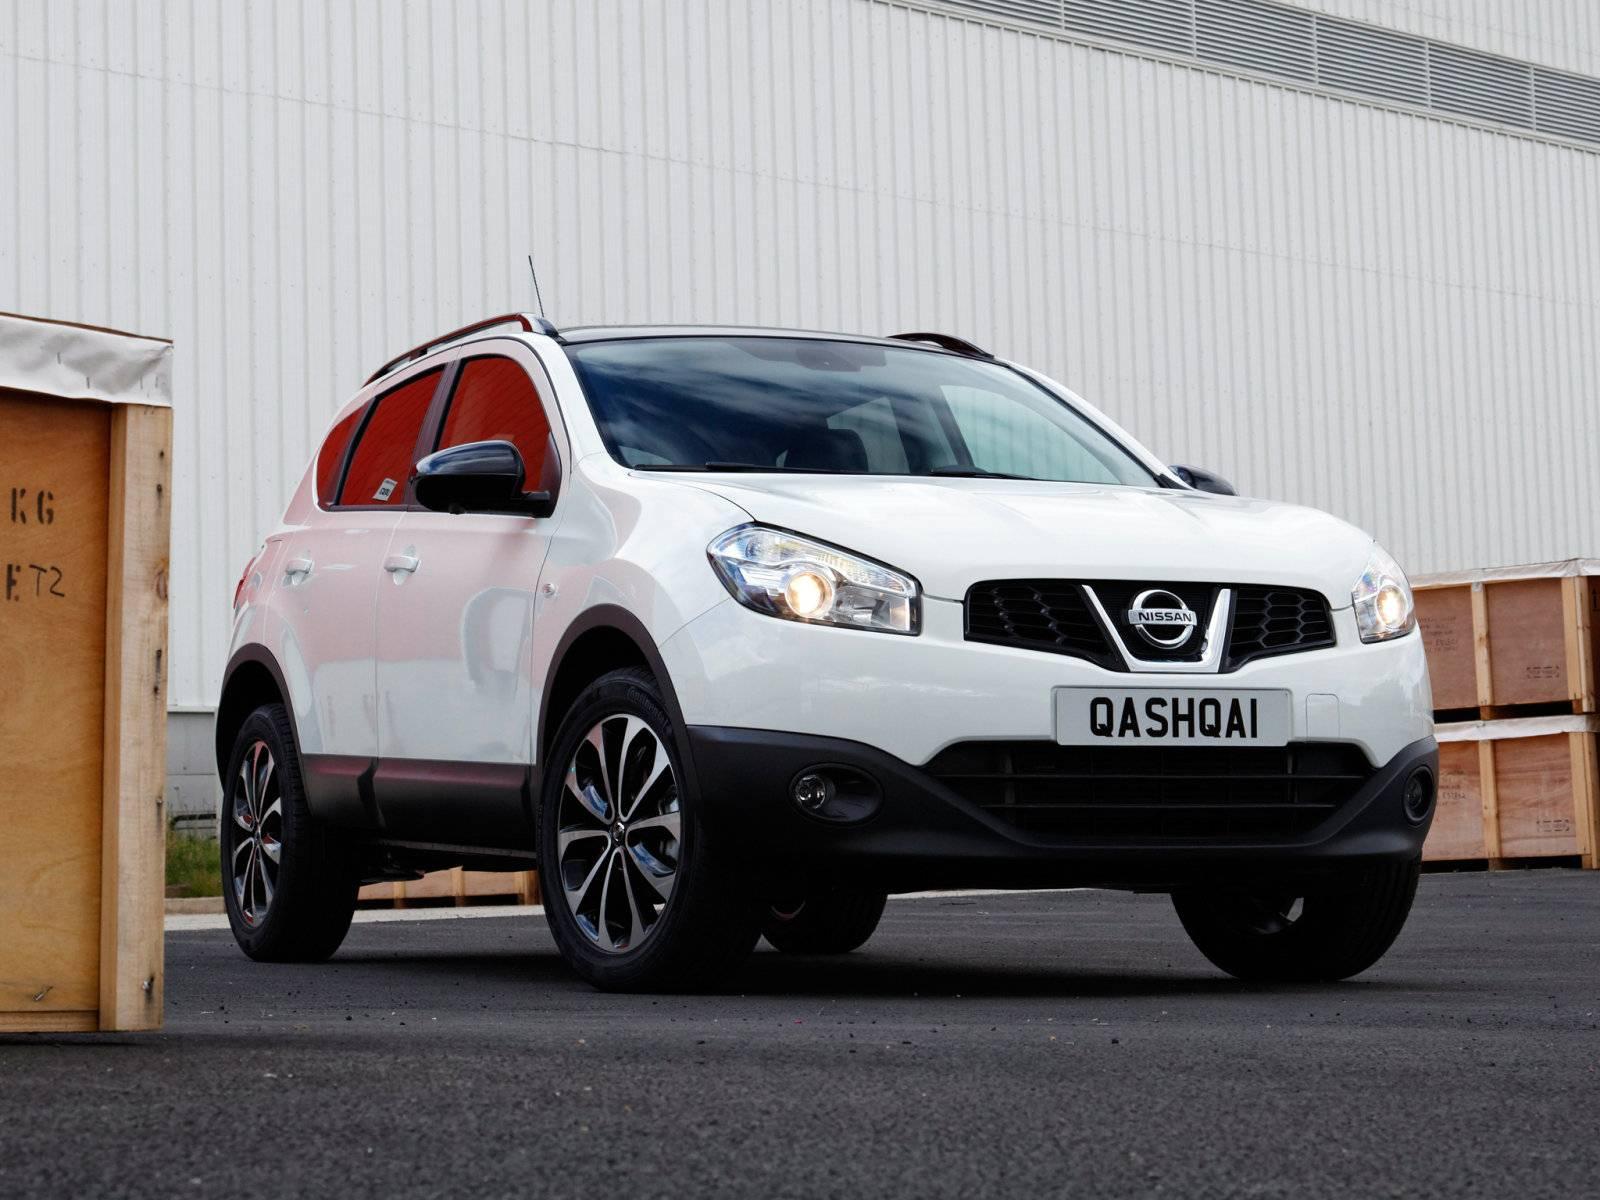 Обзор Nissan Qashqai 2011 года: чем хорош, а чем плох